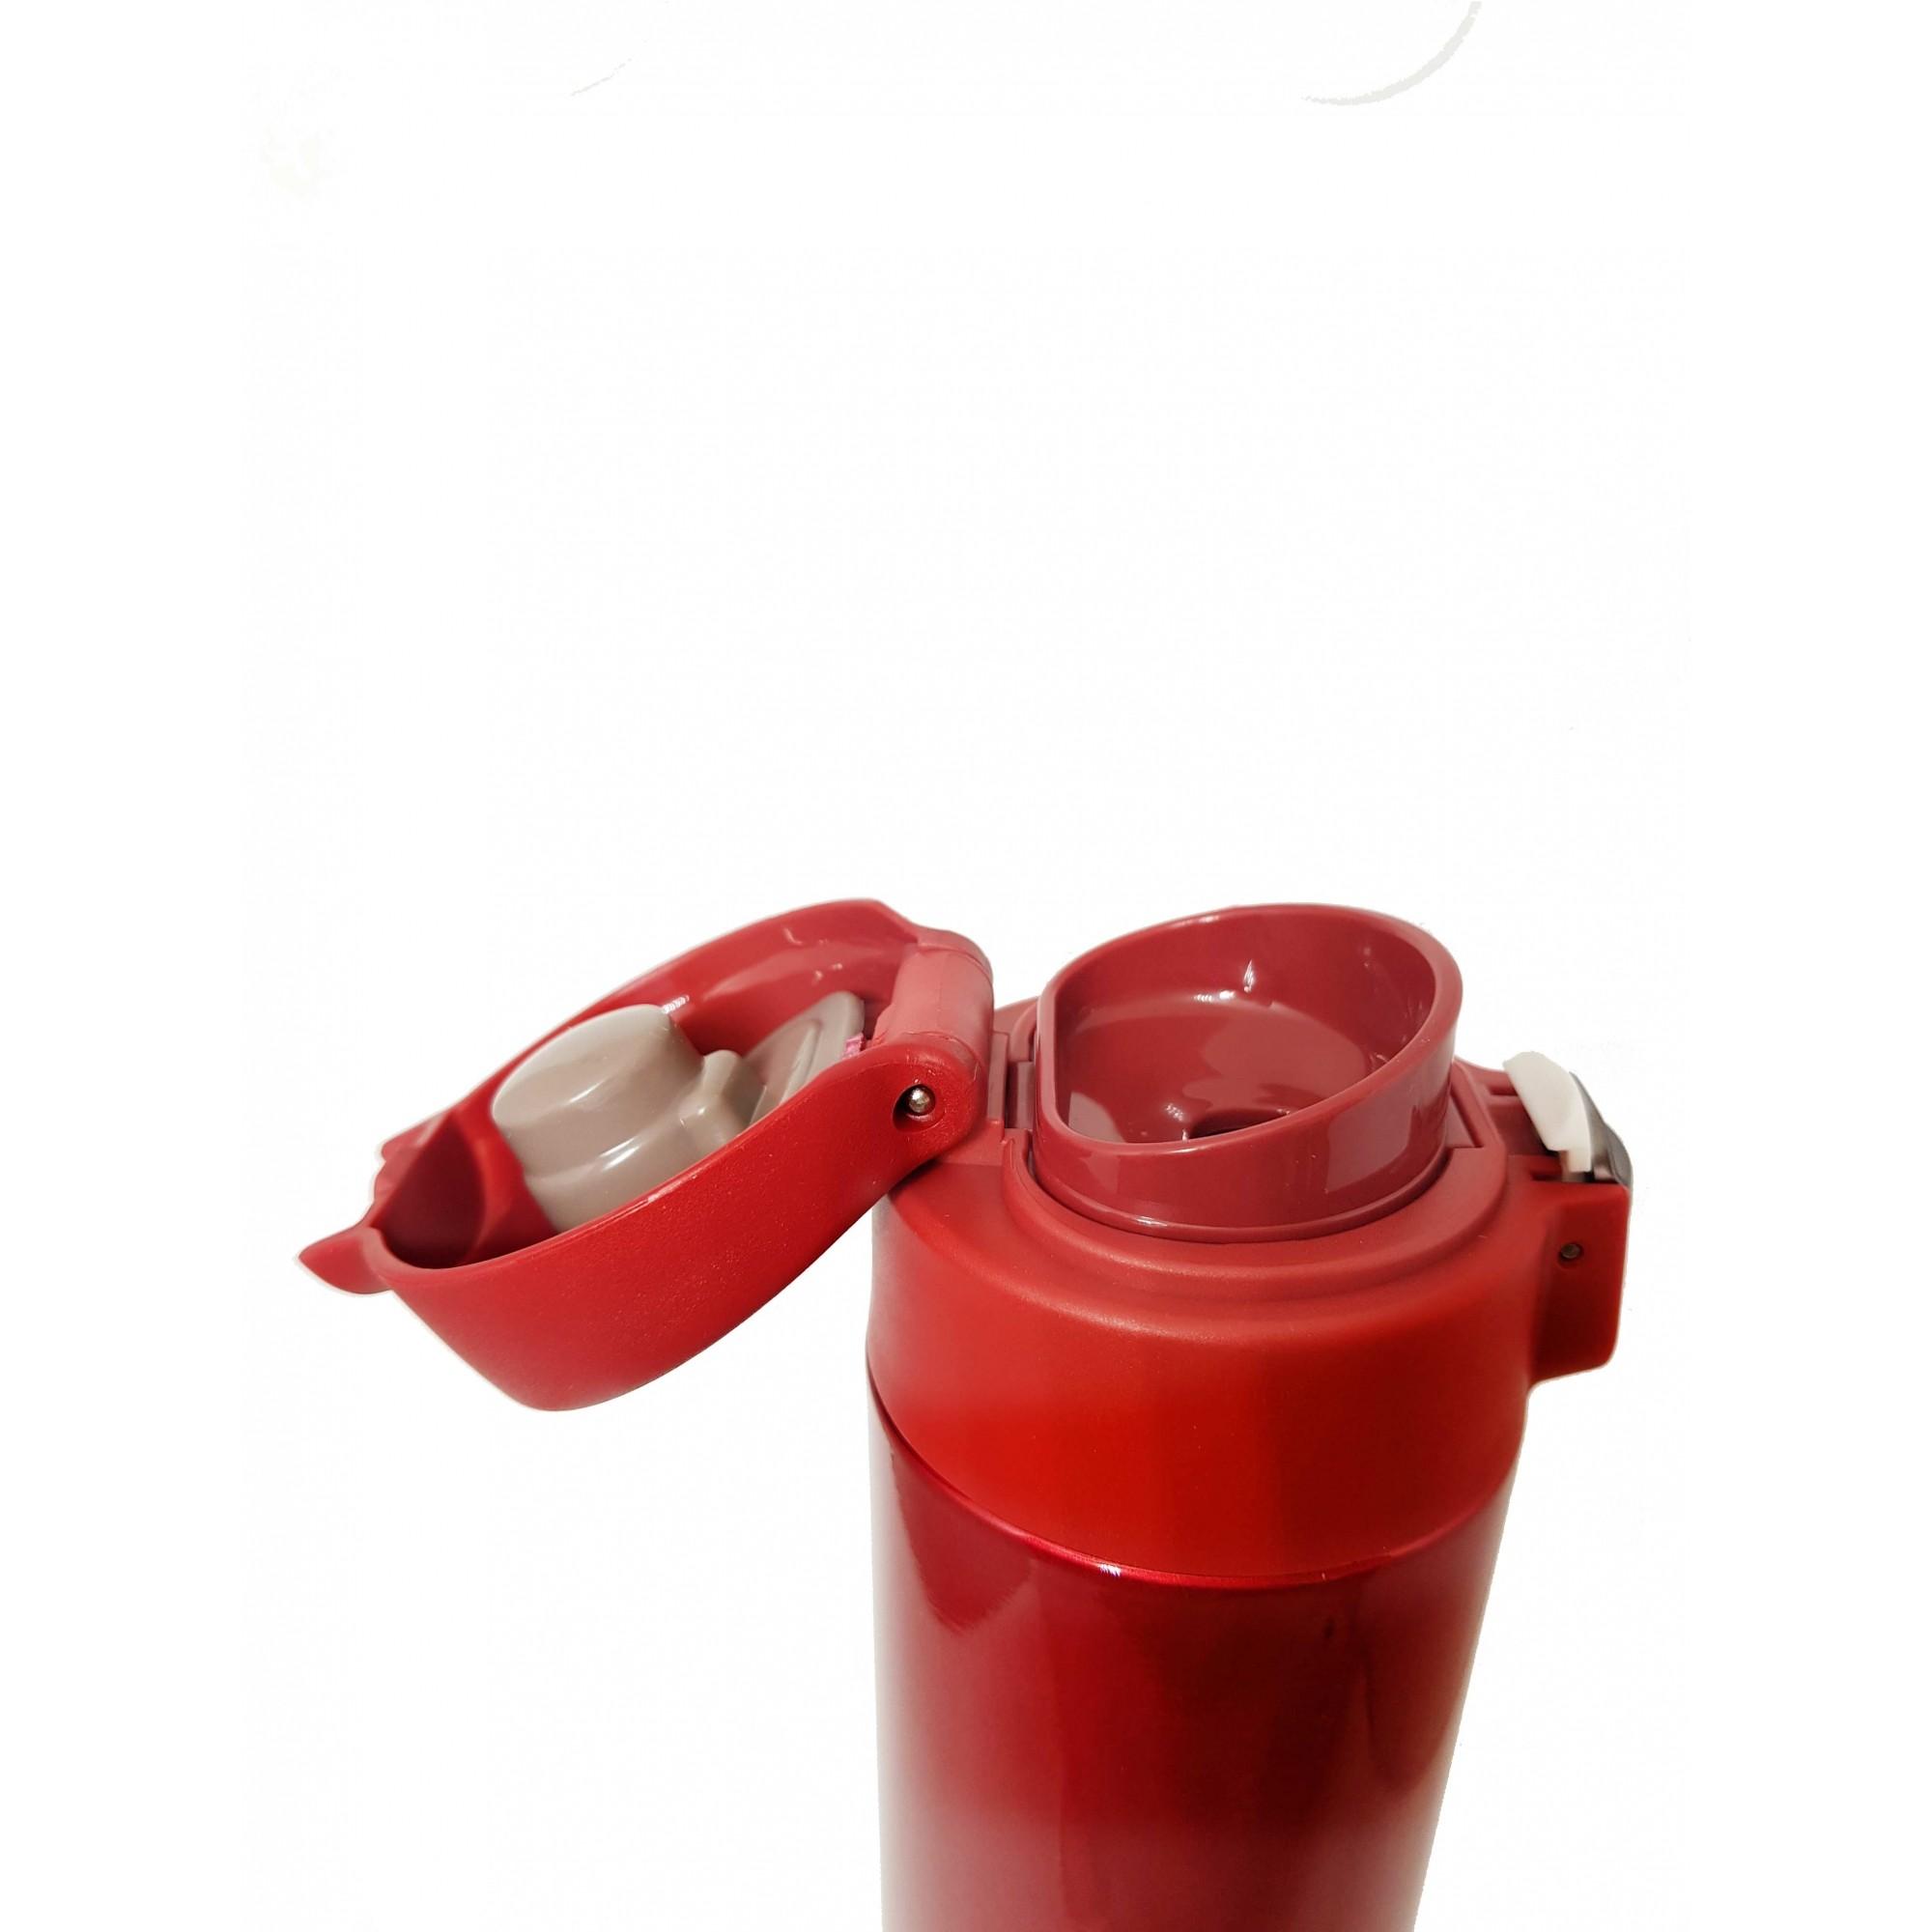 Kit Mundo Mochila + garrafa inox 500 ml Vermelha + kit 6 em 1 Rose Gold